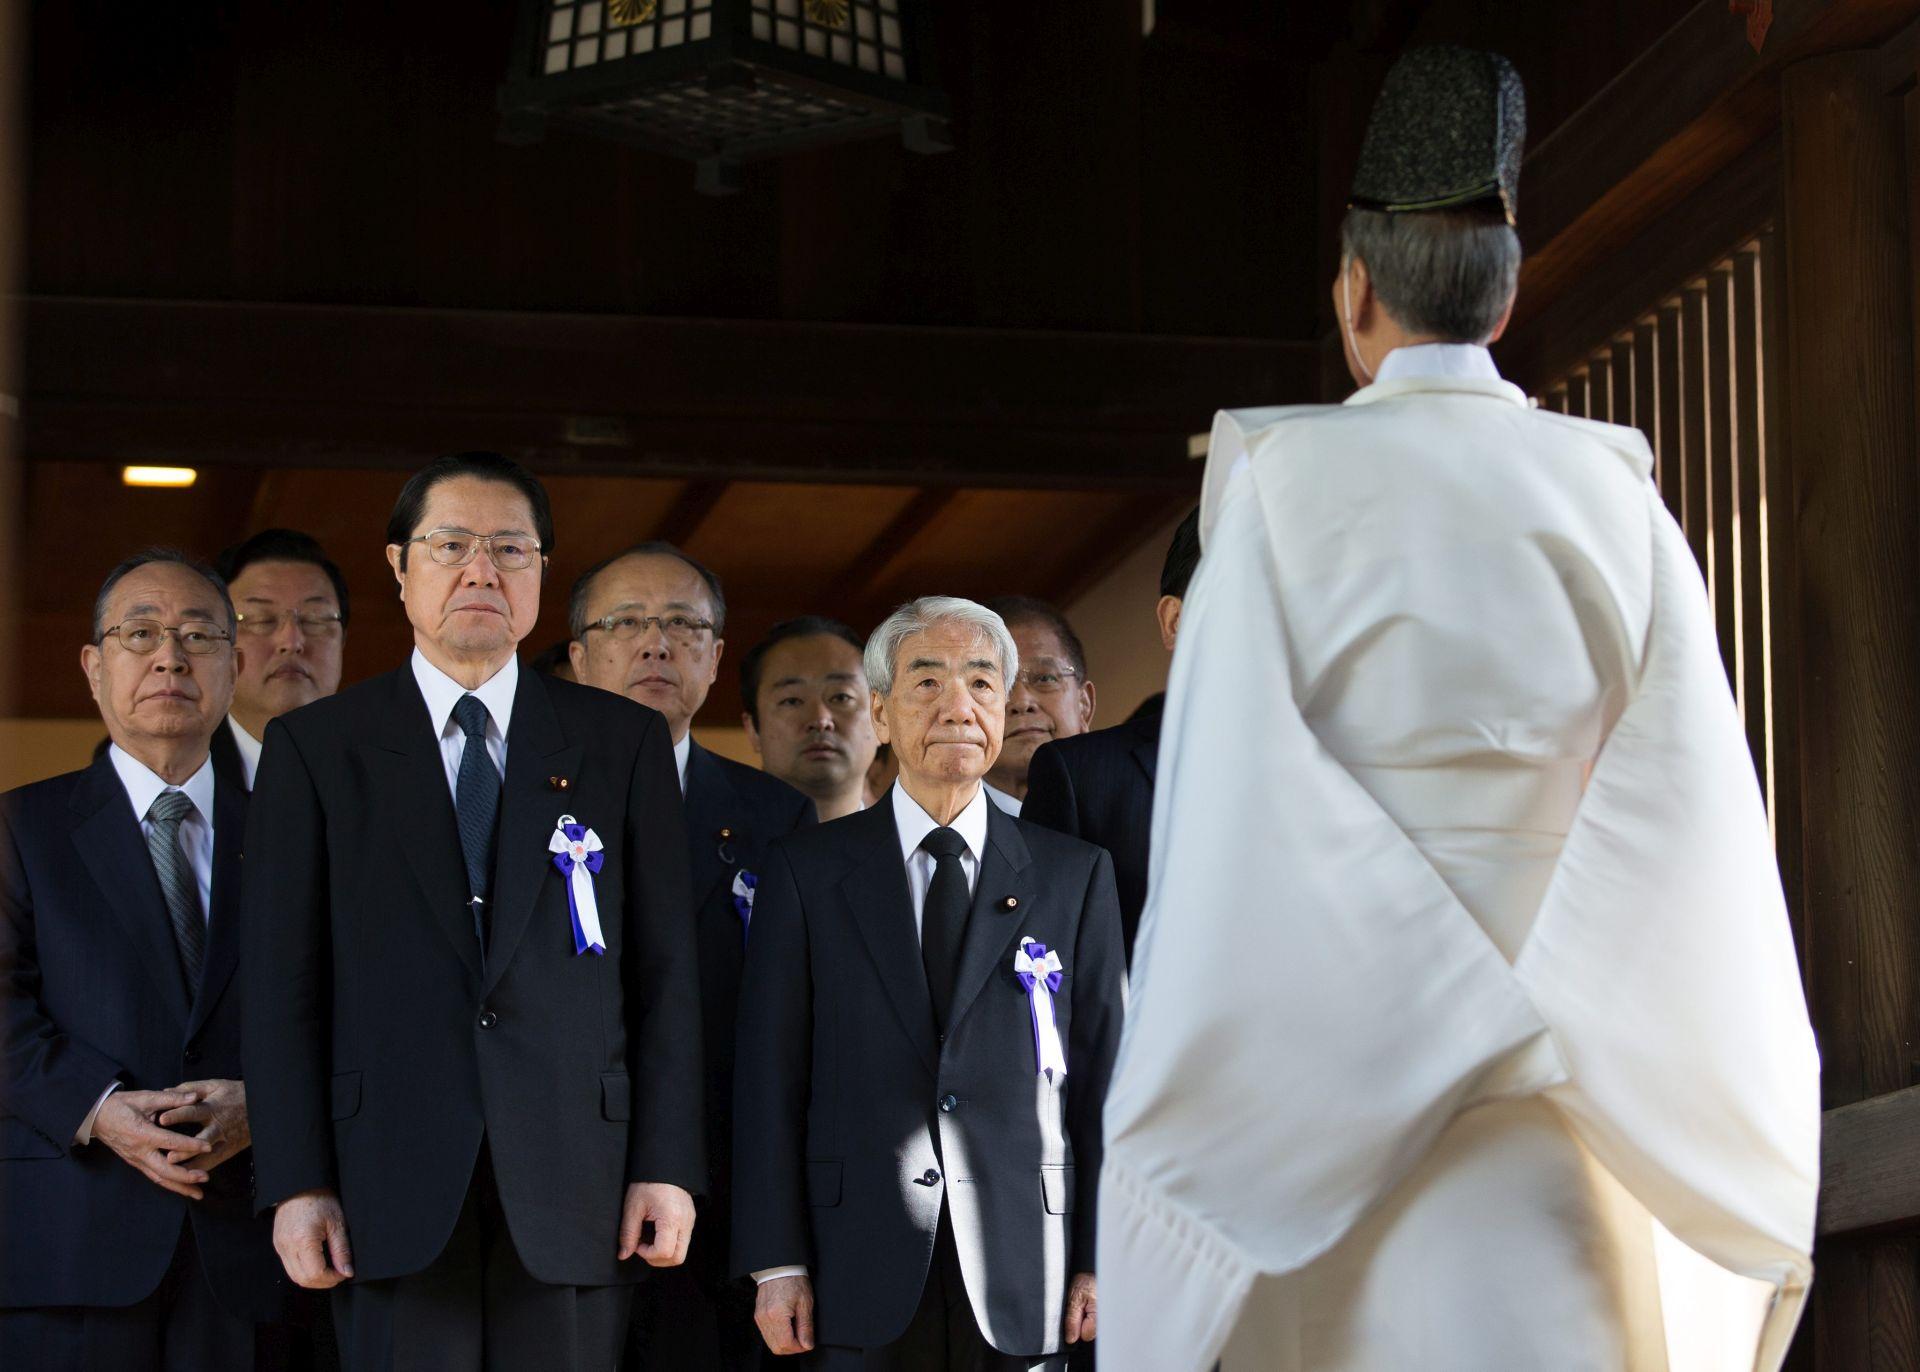 NAKON PEARL HARBORA: Japanska ministrica obrane posjetila svetište Yasukuni